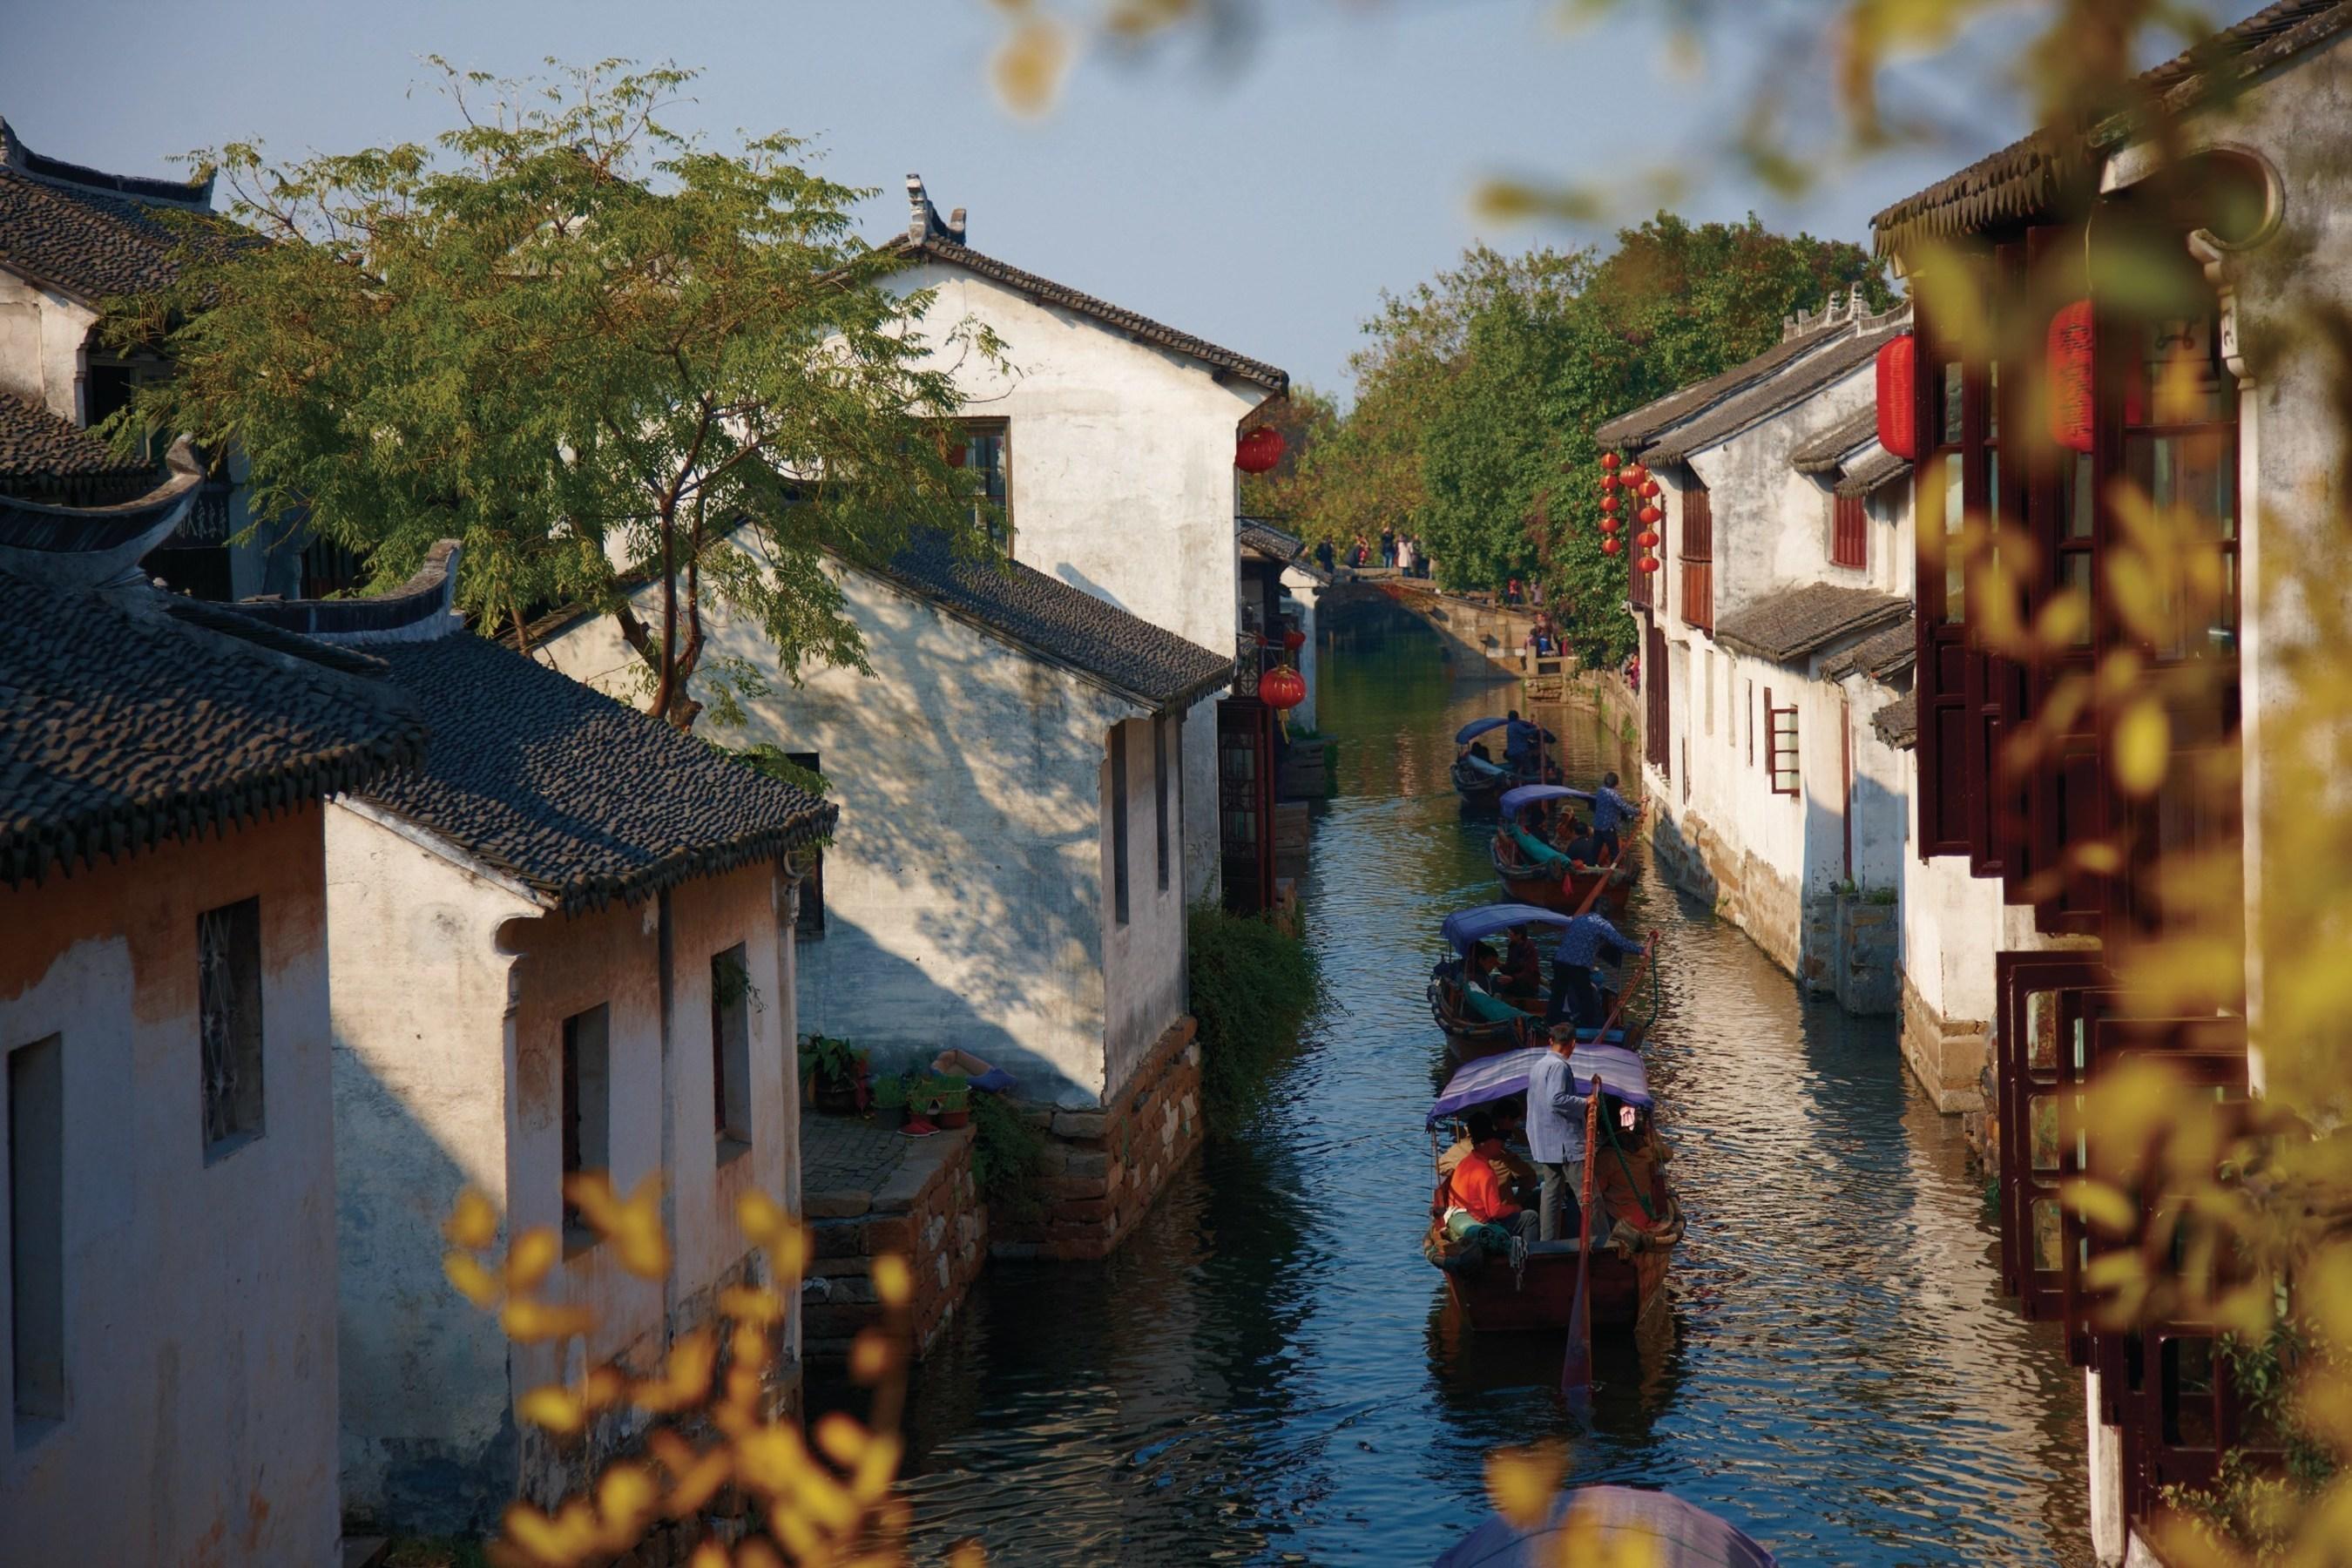 Chinesische Wasserstadt Zhouzhuang unterzeichnet Kooperationsvertrag mit Best Tours Italia S.p.A.